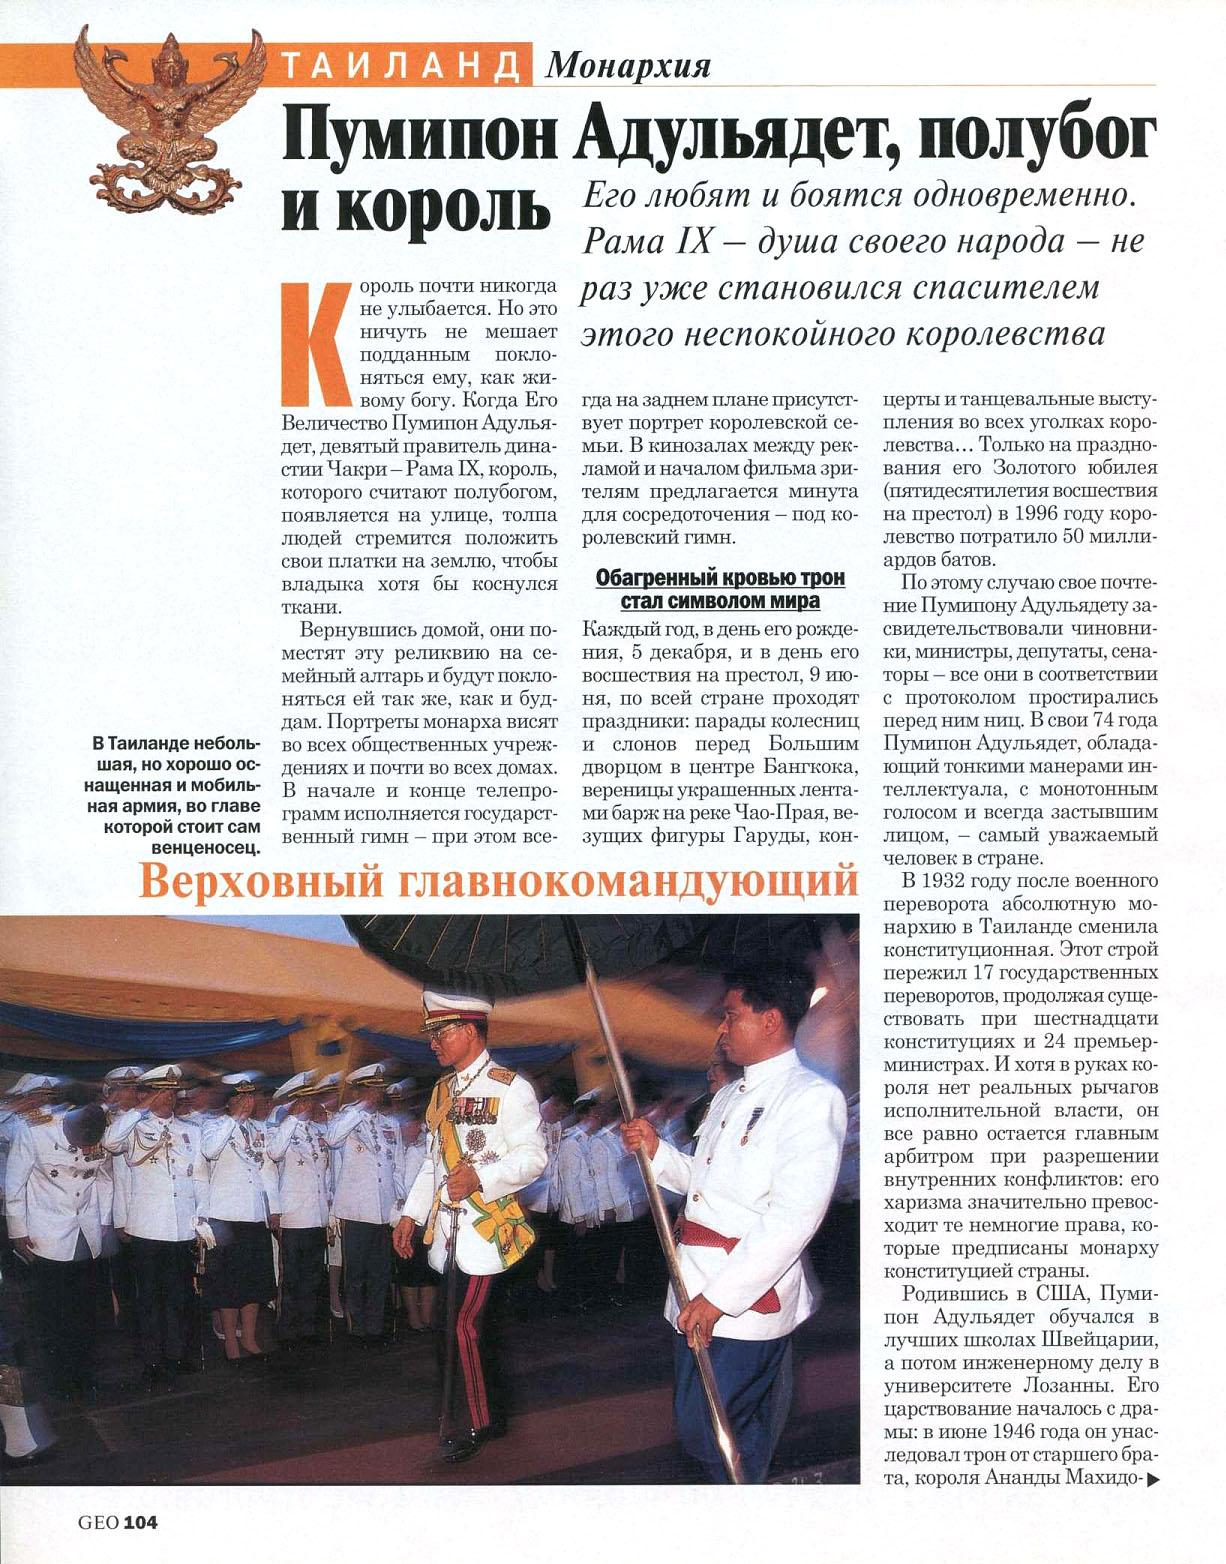 GEO-Rus_2003-03_20.jpg